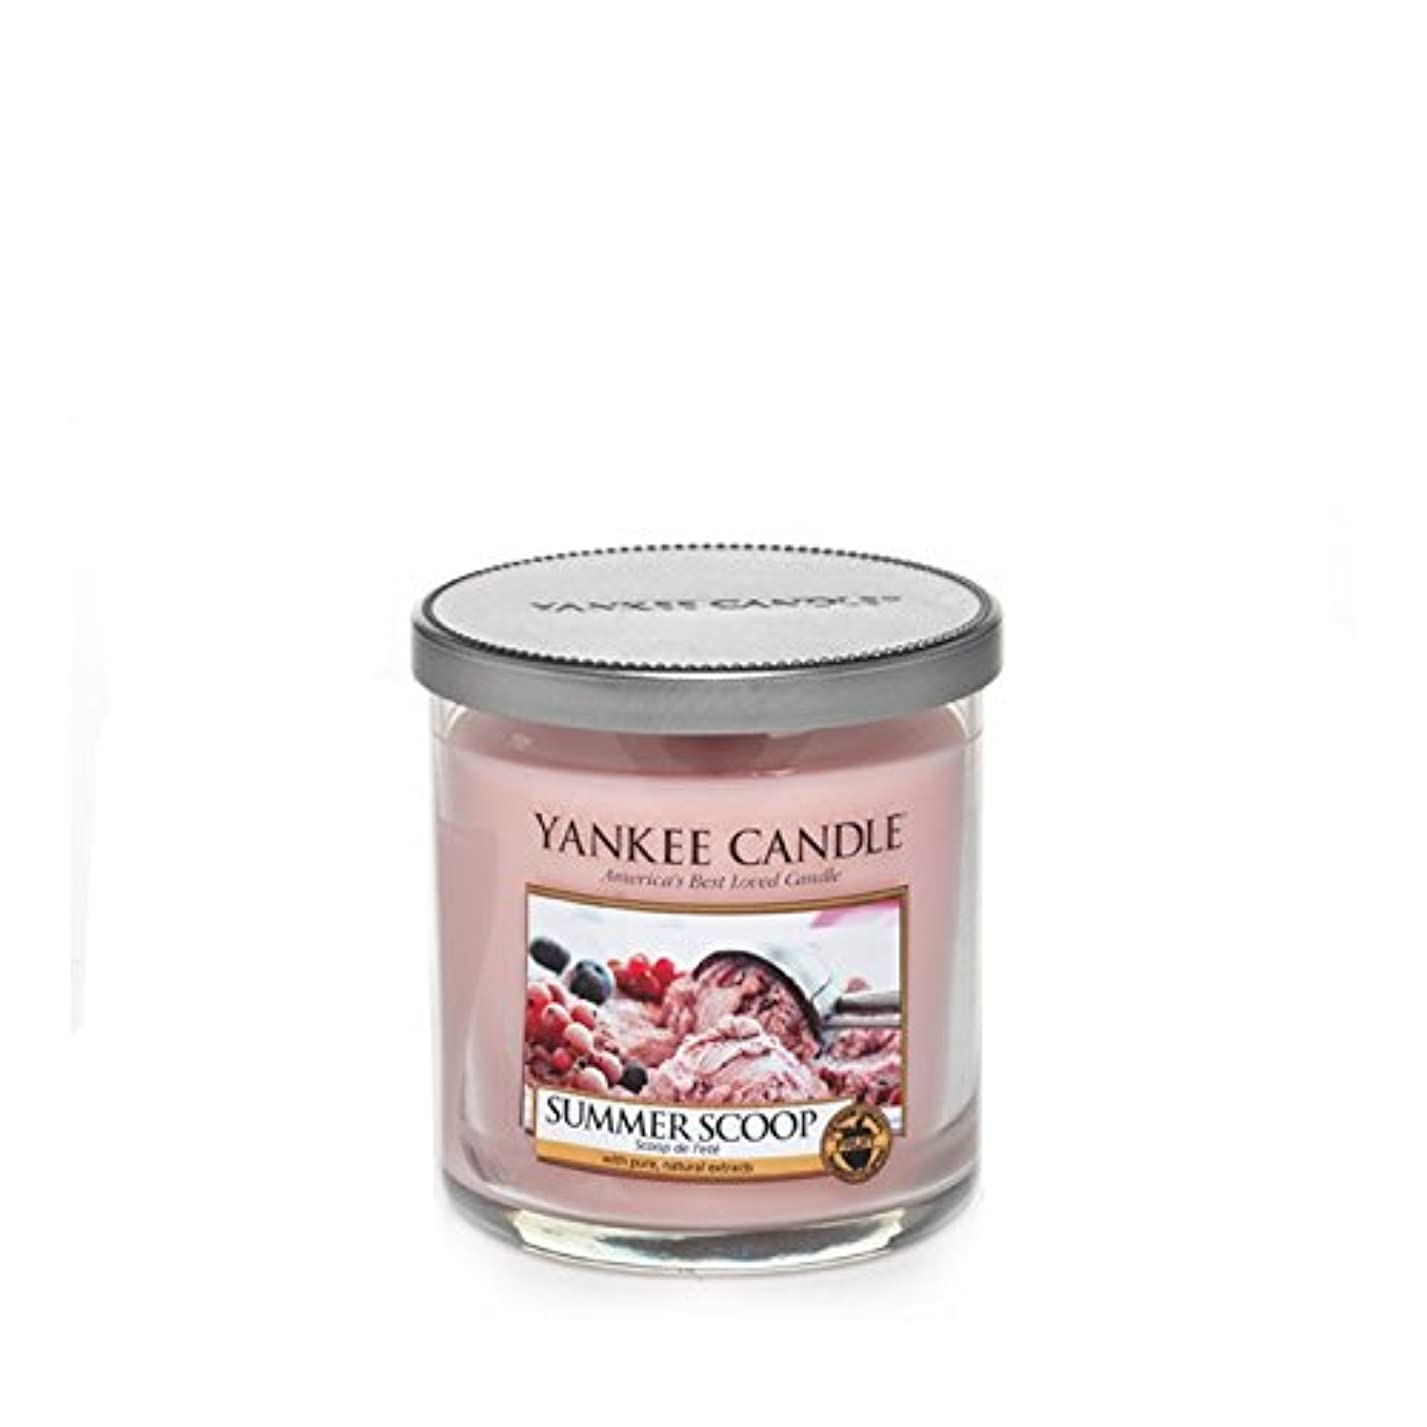 軽蔑造船孤児ヤンキーキャンドルの小さな柱キャンドル - 夏のスクープ - Yankee Candles Small Pillar Candle - Summer Scoop (Yankee Candles) [並行輸入品]